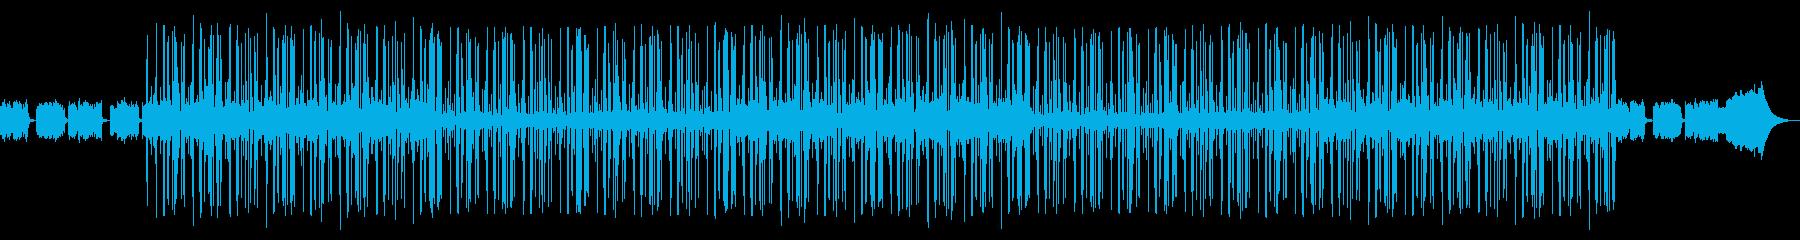 ダーク 洋楽 Trap  ベース抜きの再生済みの波形